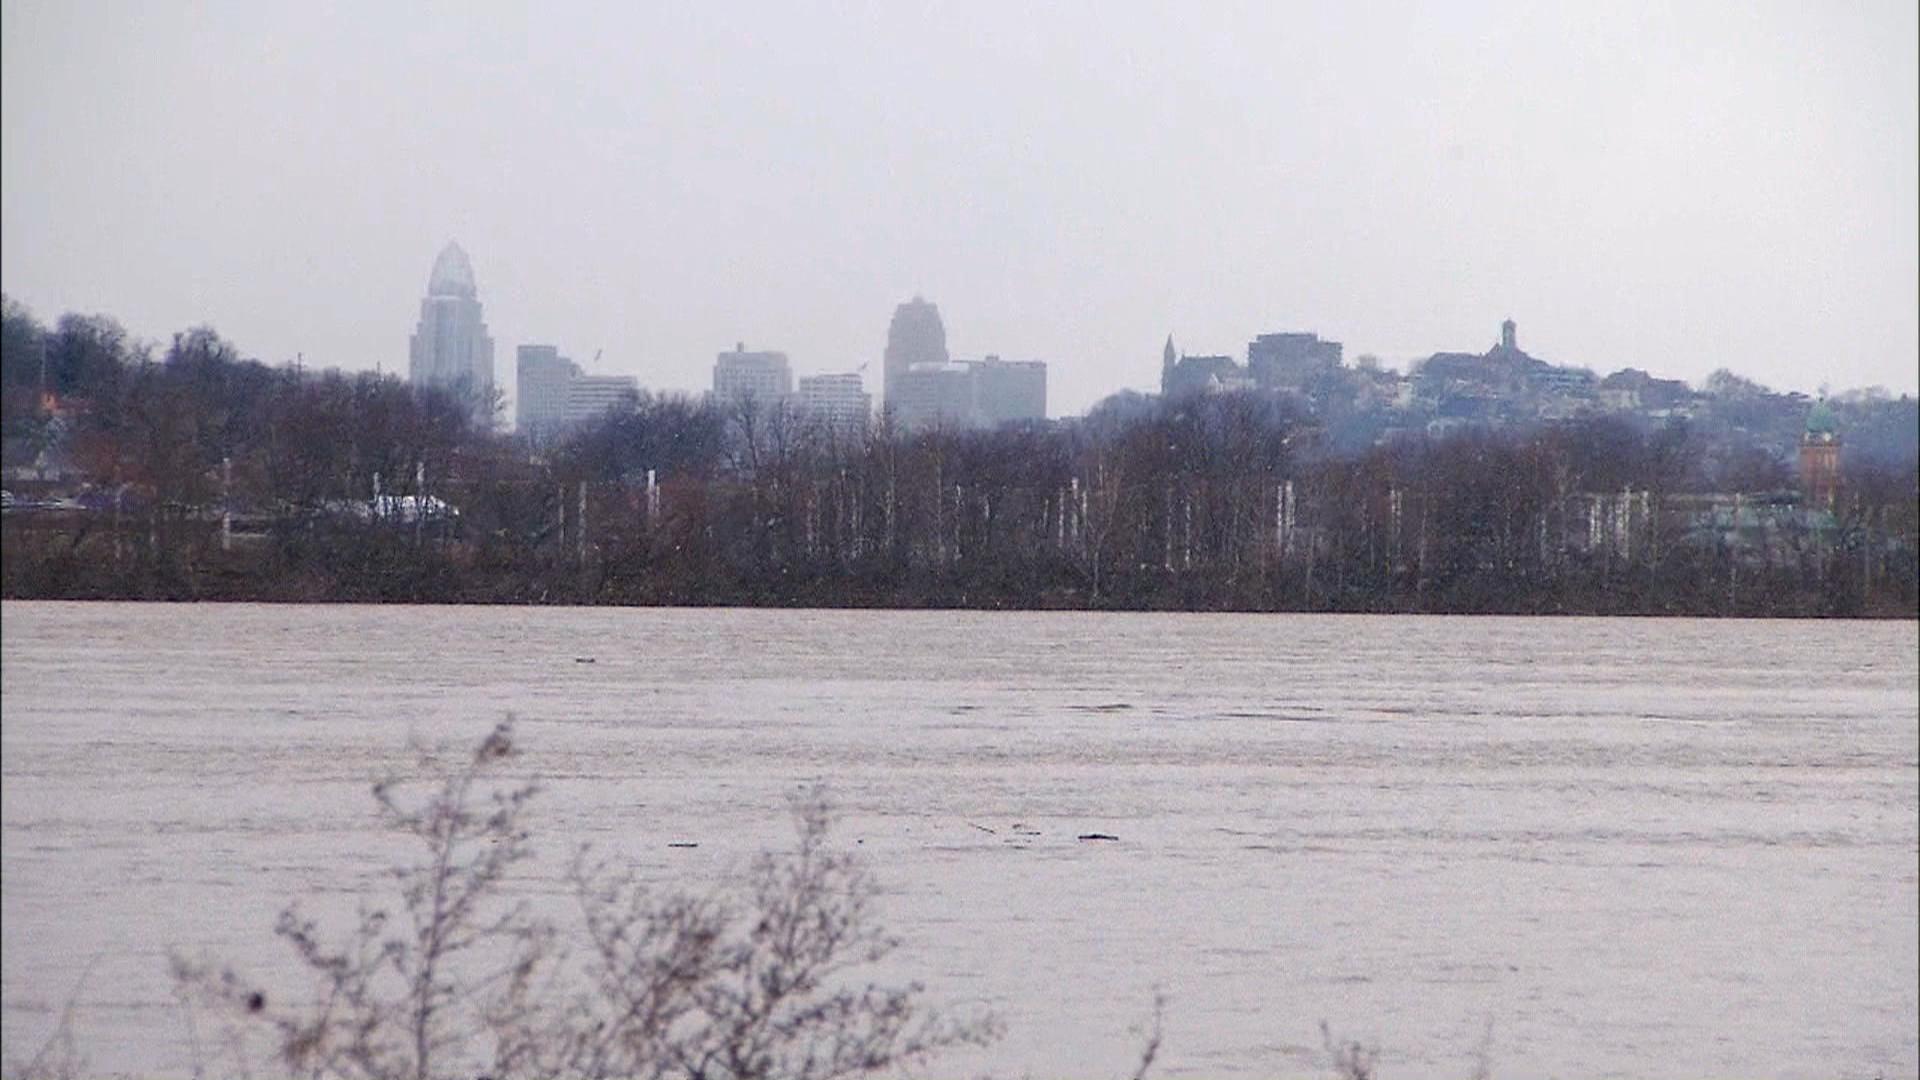 Officials declare Cincinnati water safe